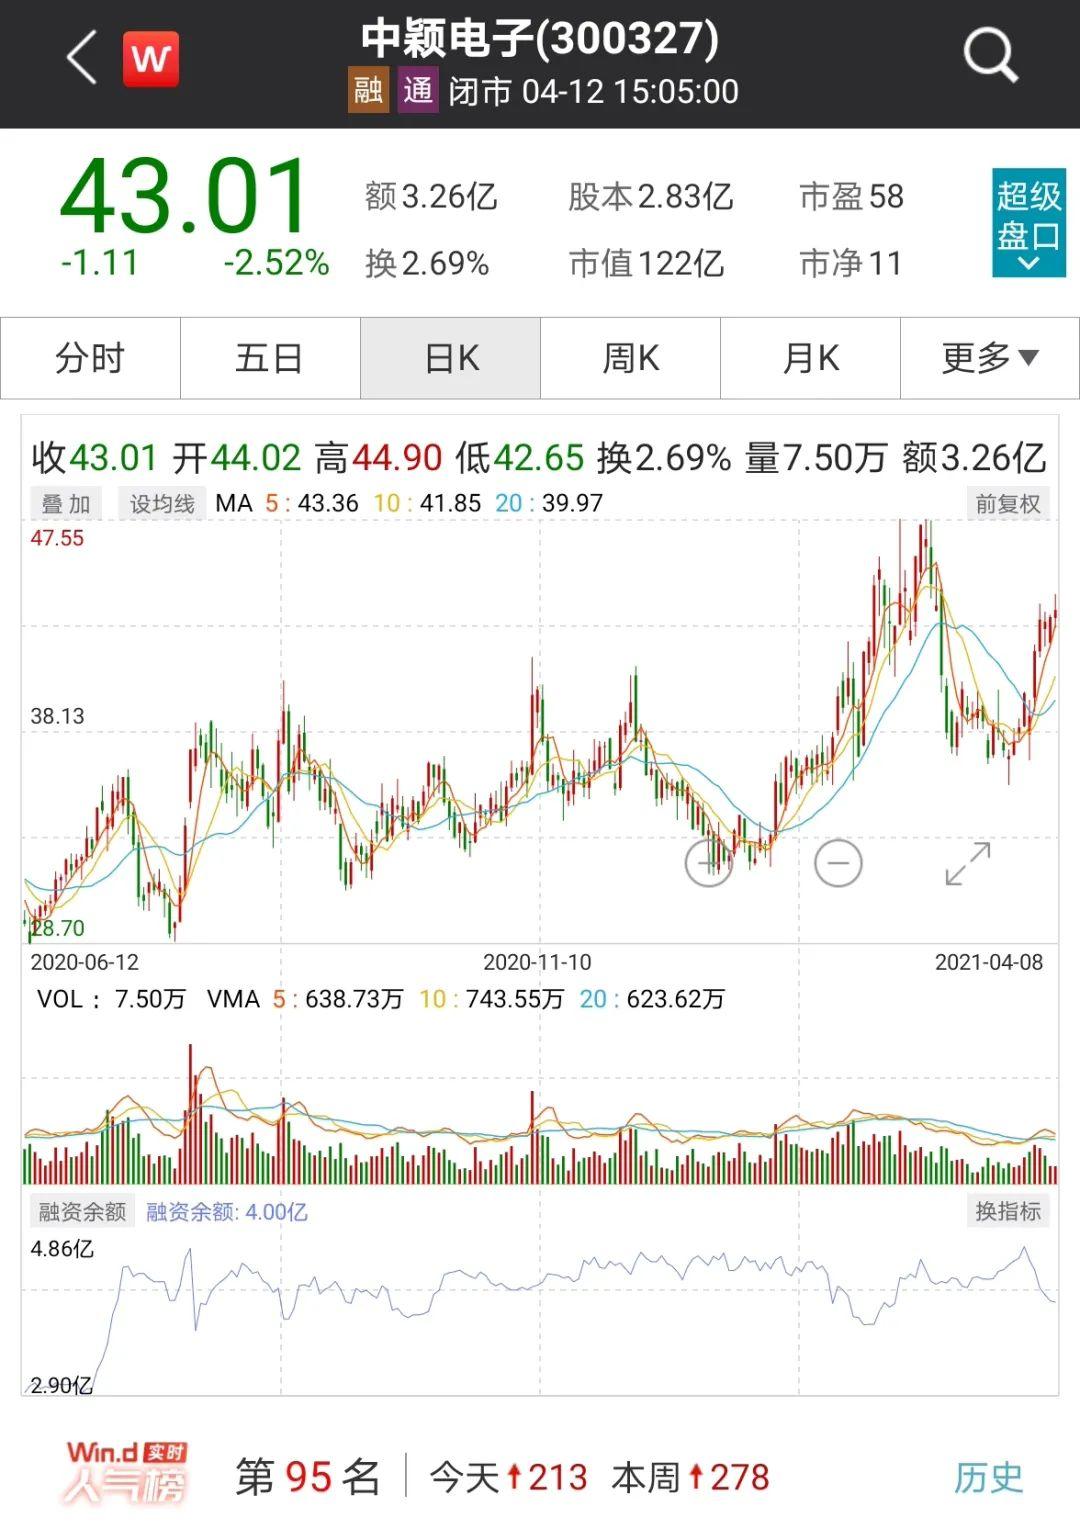 劉格菘豪擲30億買入血液灌流器龍頭 公私募大佬最新重倉股名單來了